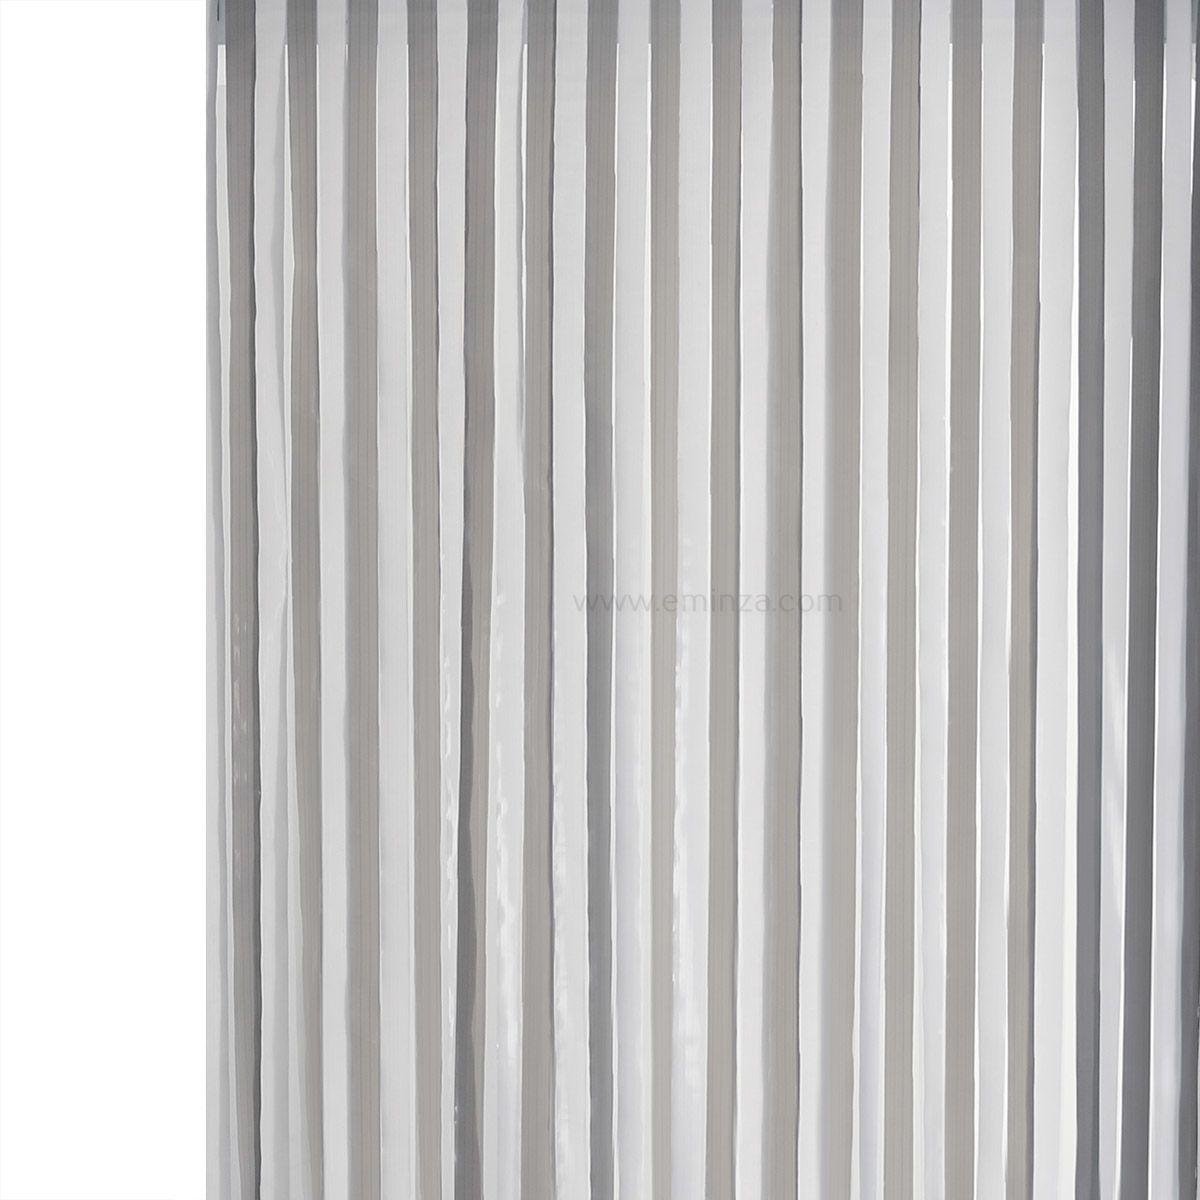 rideau de porte 90 x h220 cm lani res pvc gris rideau. Black Bedroom Furniture Sets. Home Design Ideas